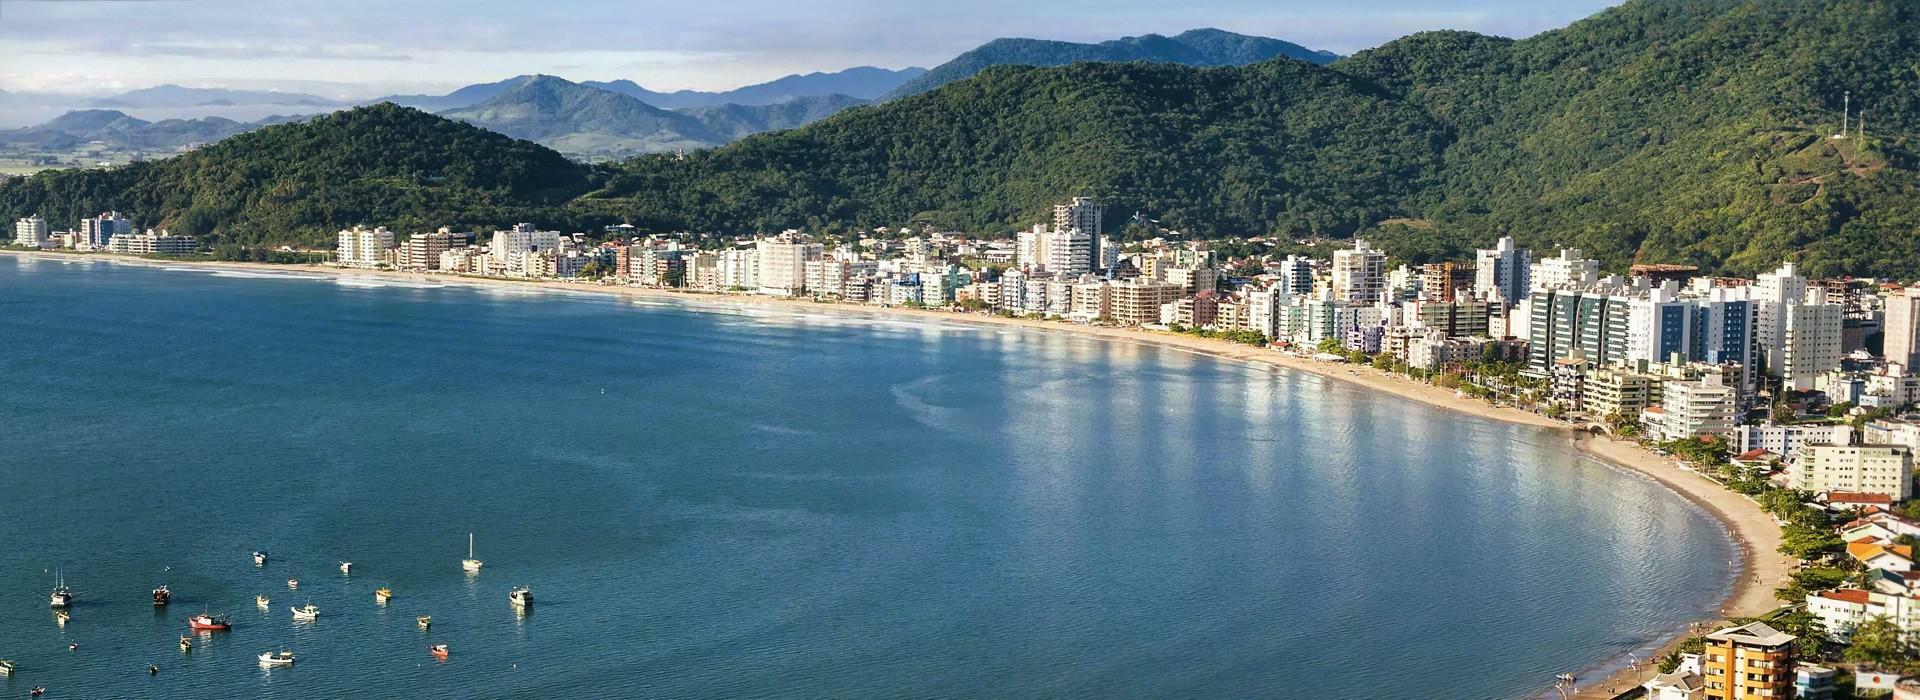 Itapema Imóveis em Itapema - Meia Praia